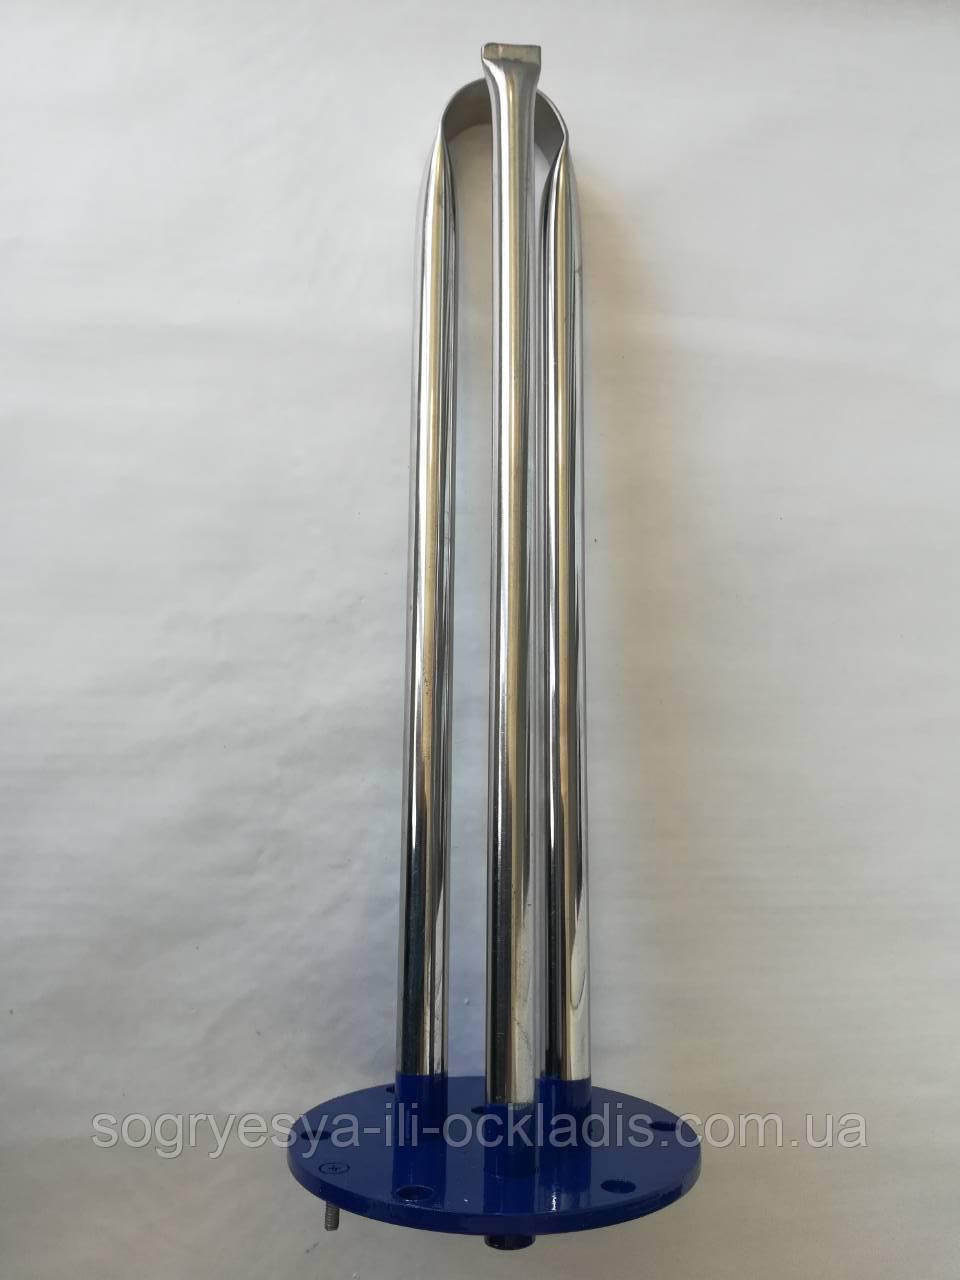 """Фланец-колба """"Теси"""" (Tesy) под сухой тэн (длина 360мм)  код товара: 7071"""